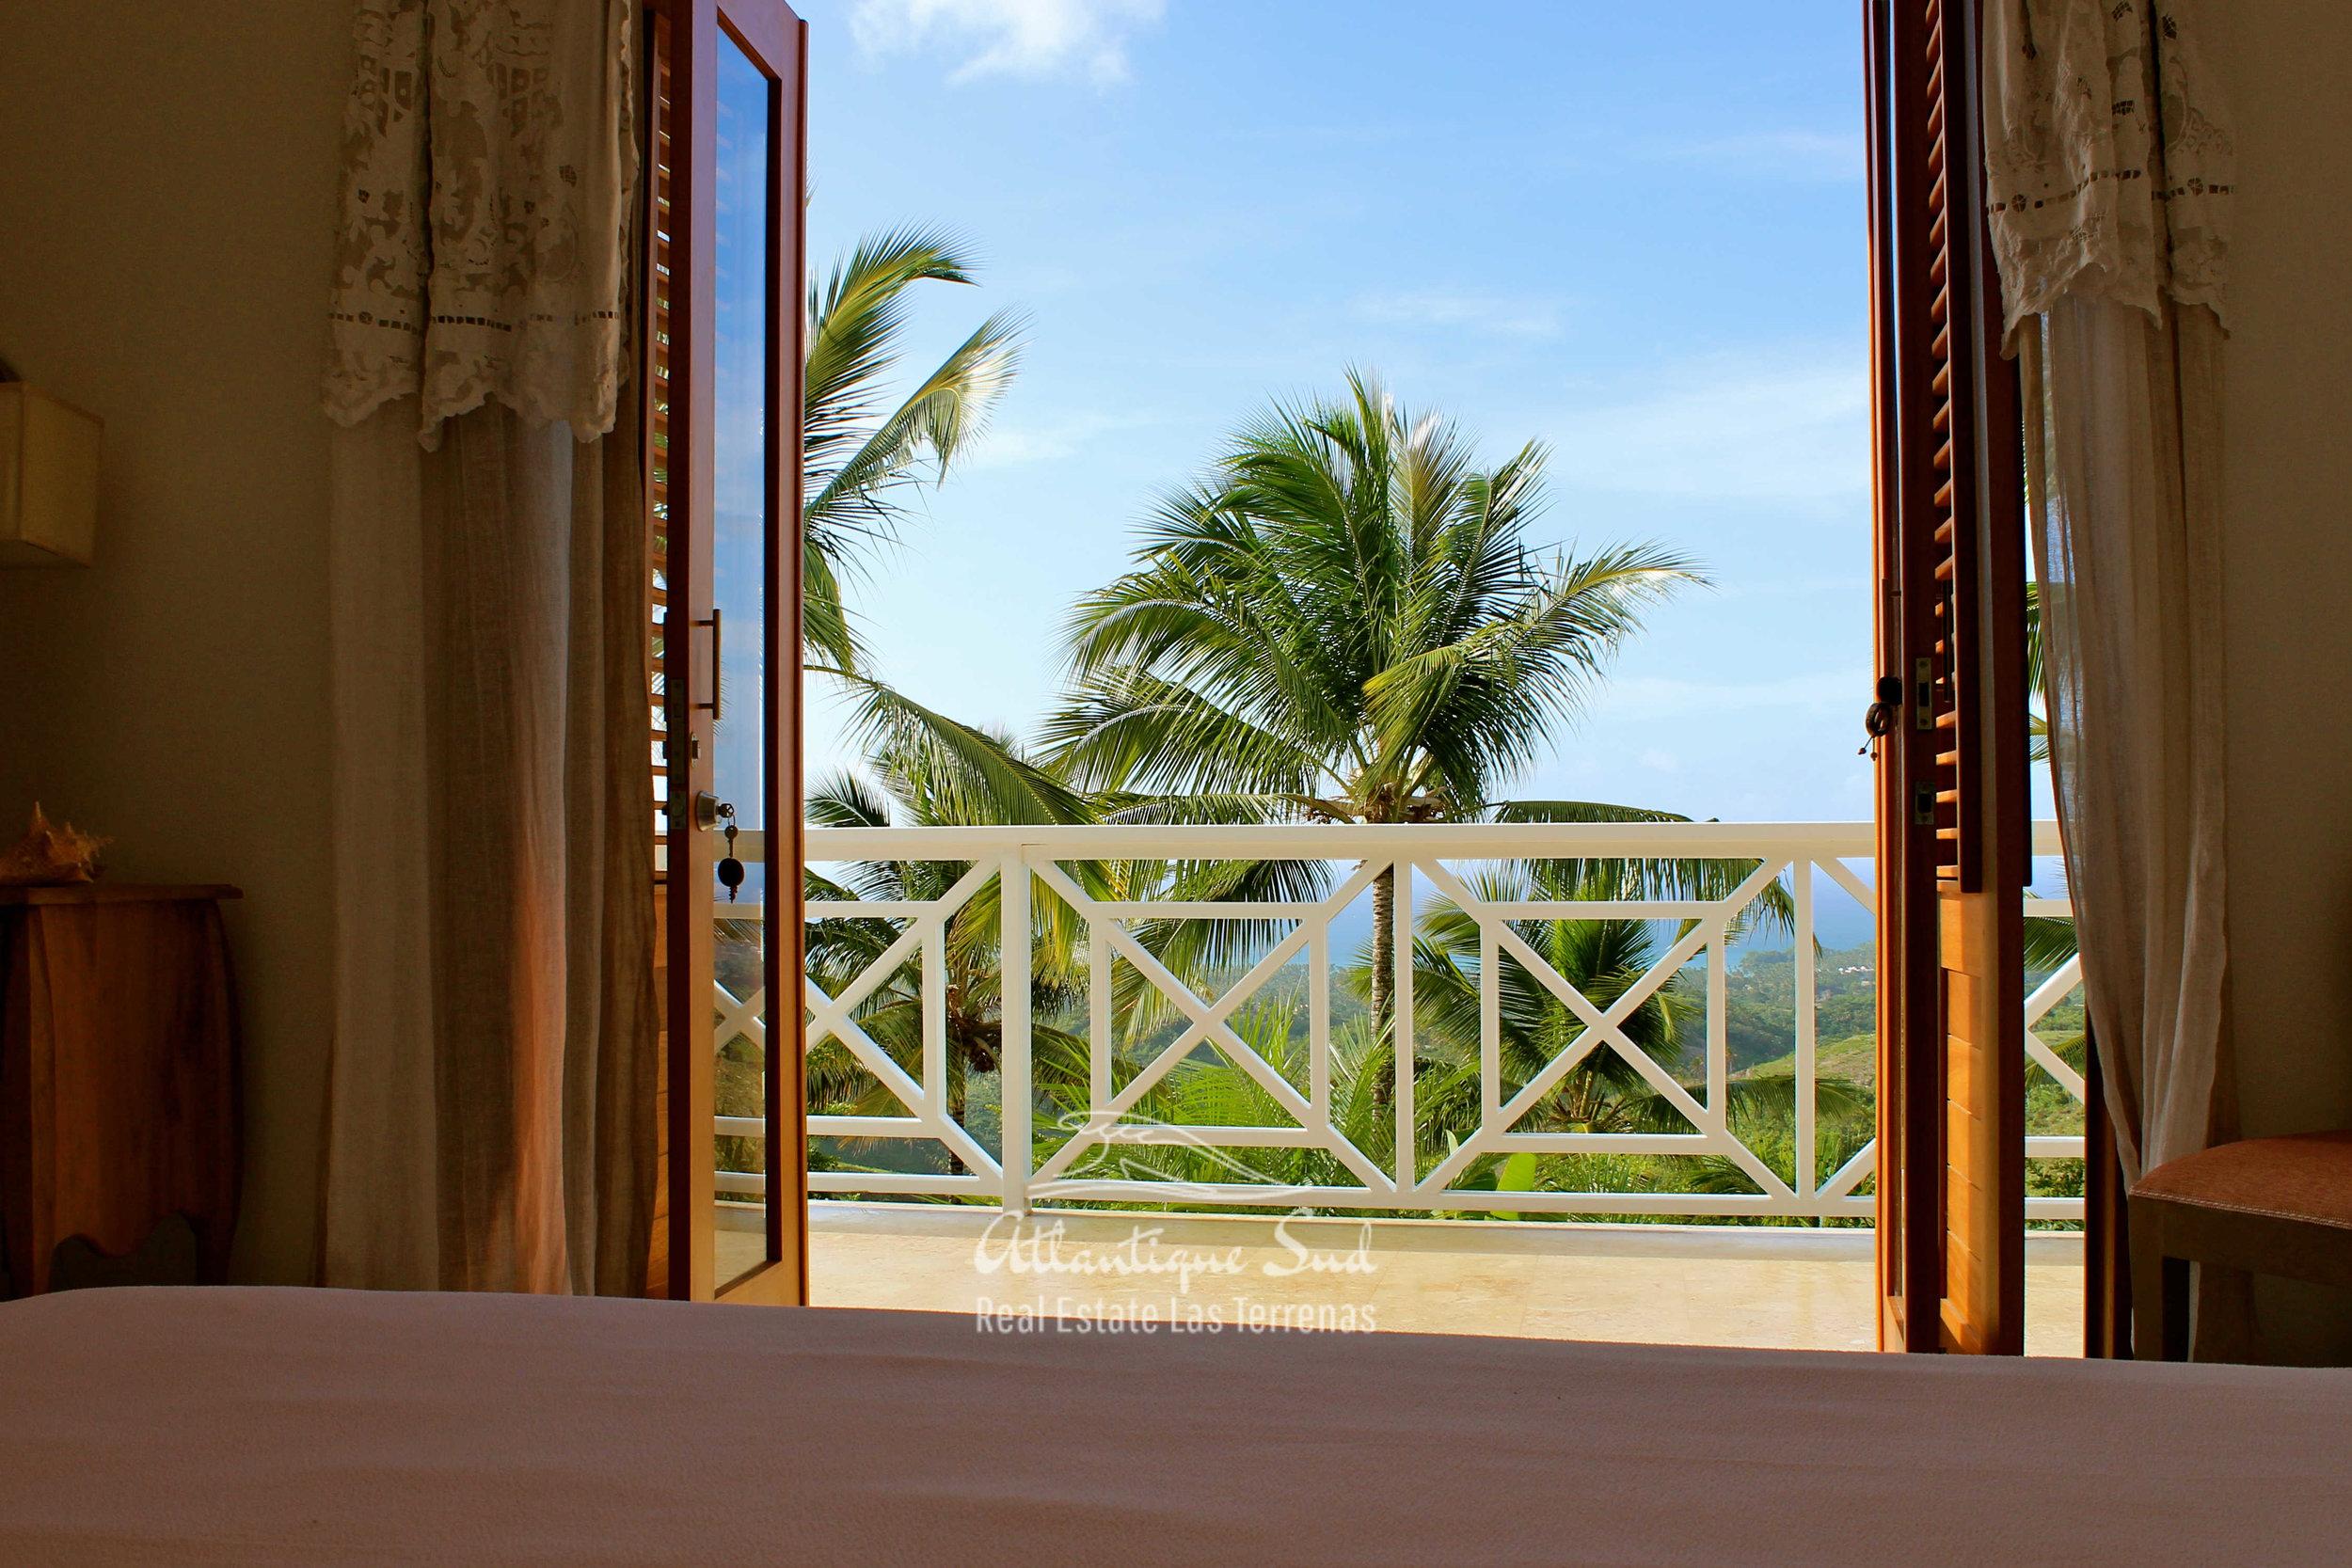 ocean view villa for sale, nidos del palmar, las terrenas6-min.jpg